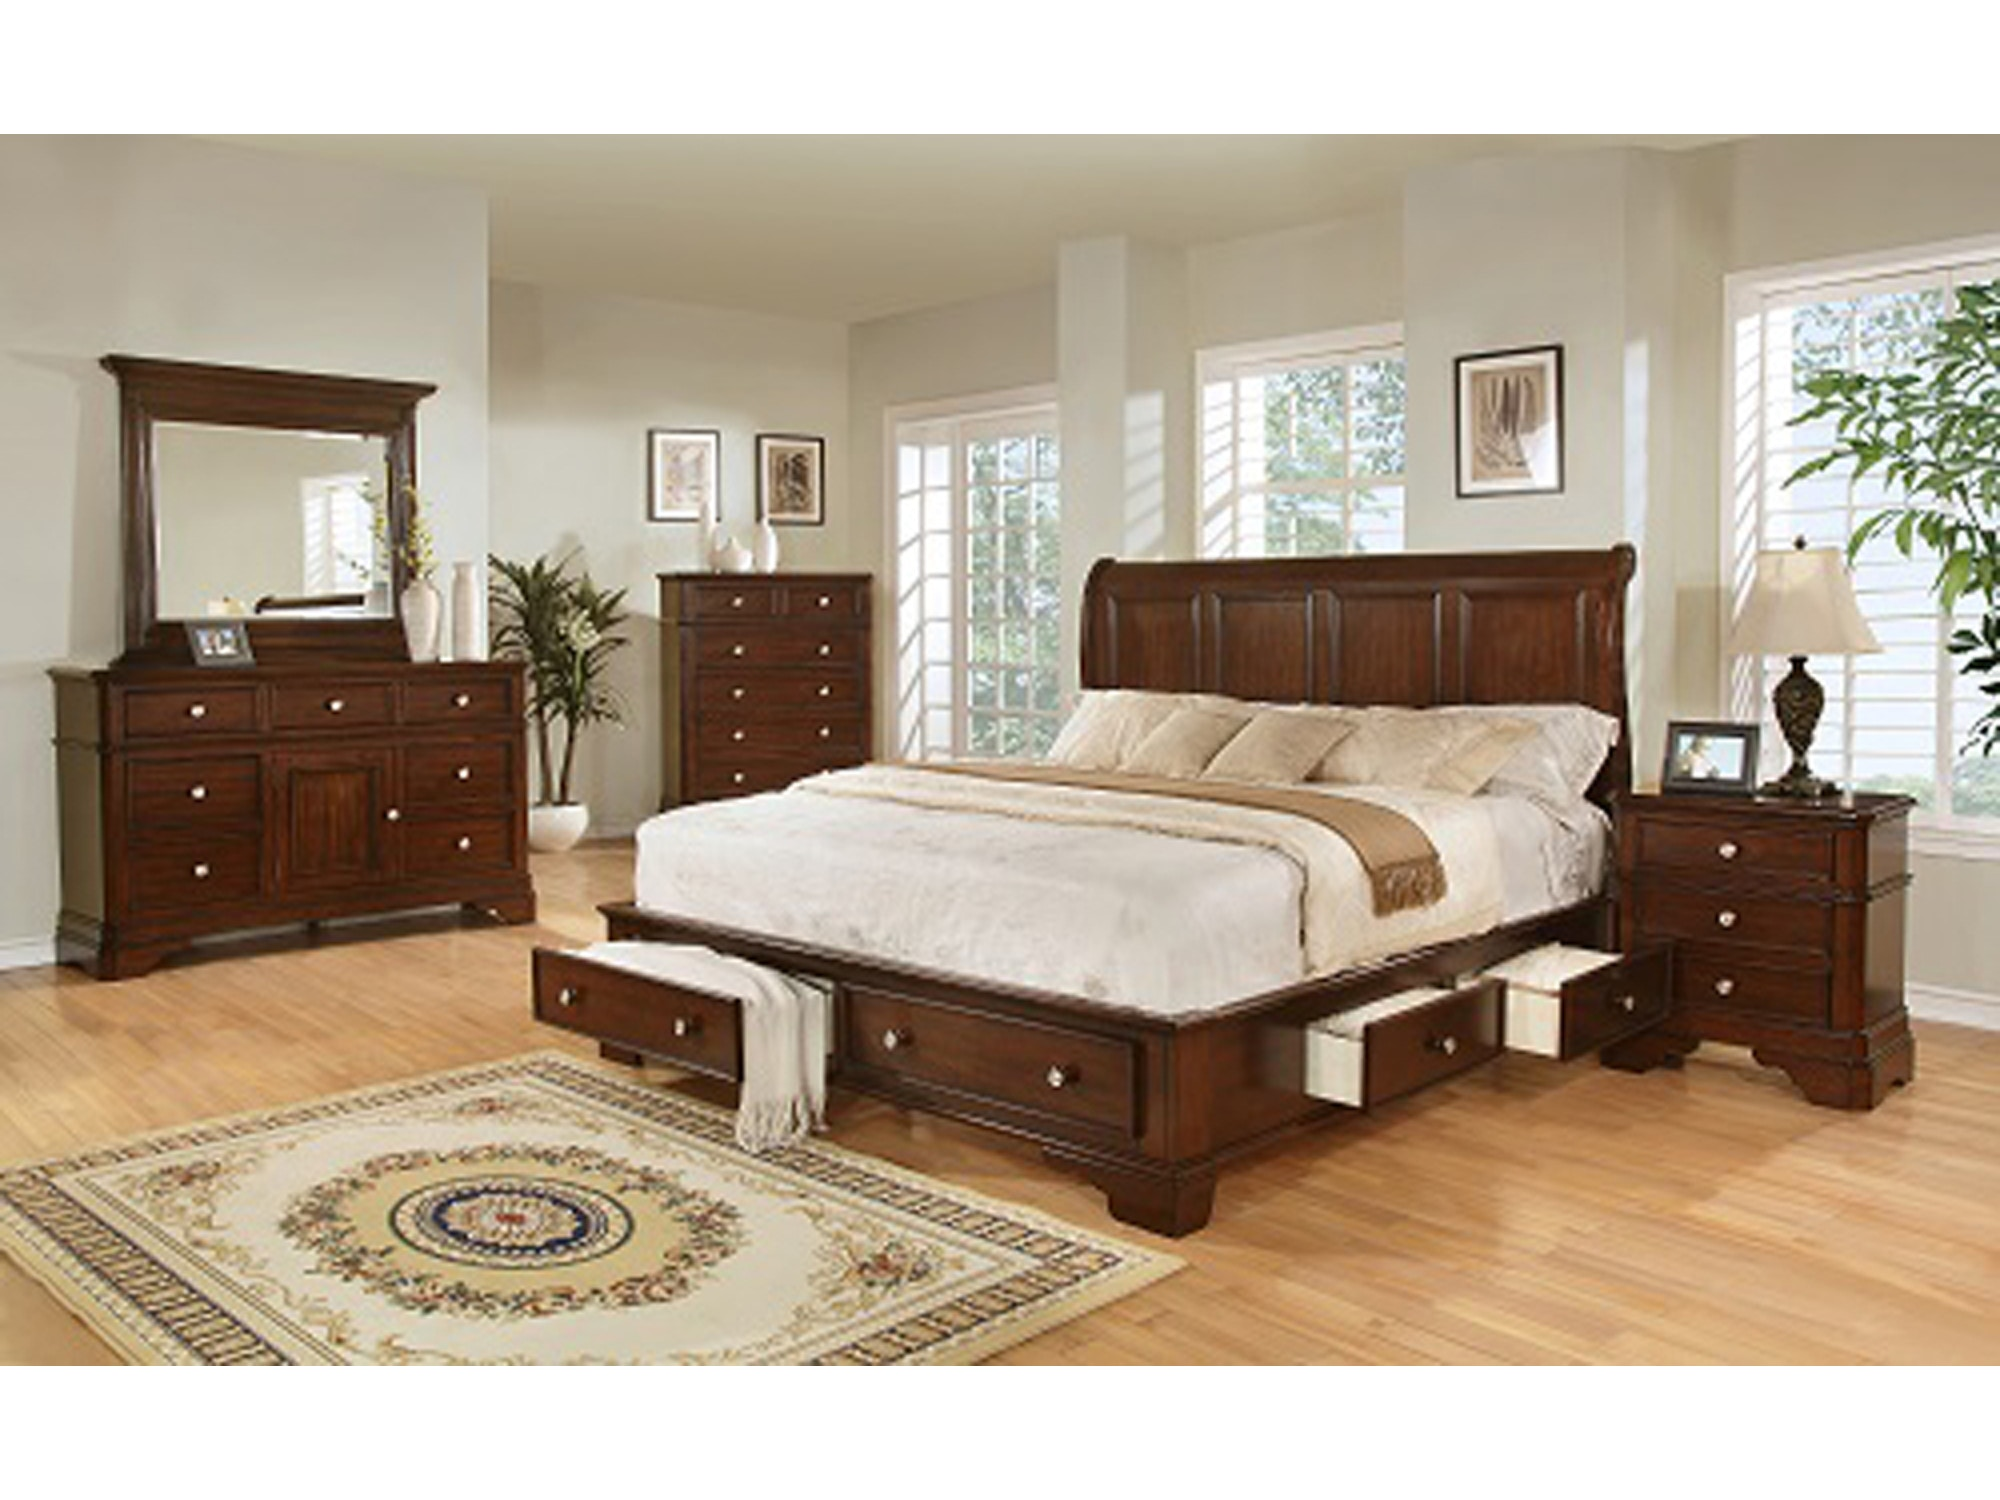 Lifestyle Furniture Furniture Fair Cincinnati Dayton Oh And Northern Ky